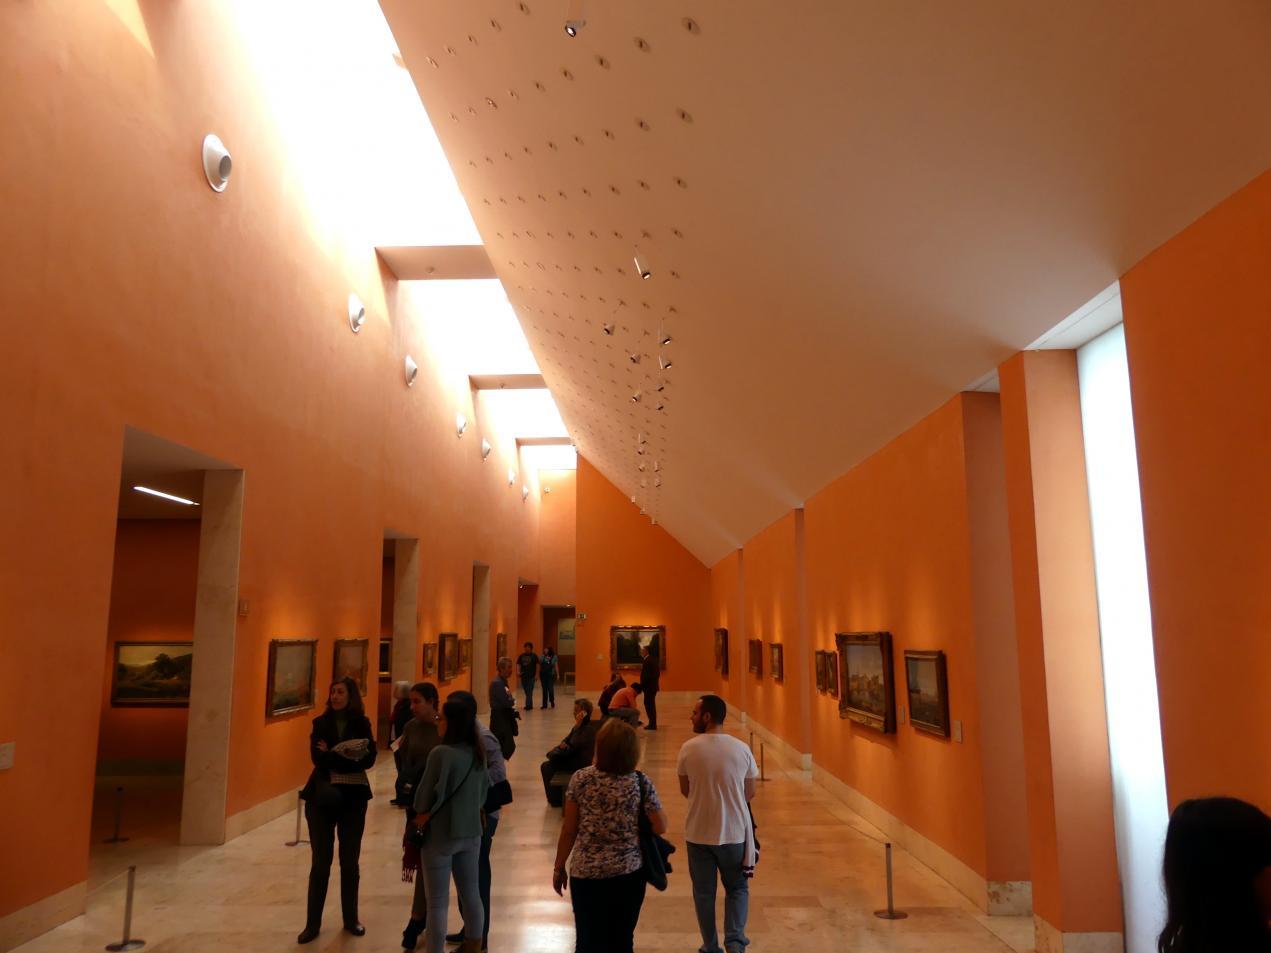 Madrid, Museo Thyssen-Bornemisza, Saal C, Galerie der Ansichten und Landschaften des 18. und 19. Jahrhunderts